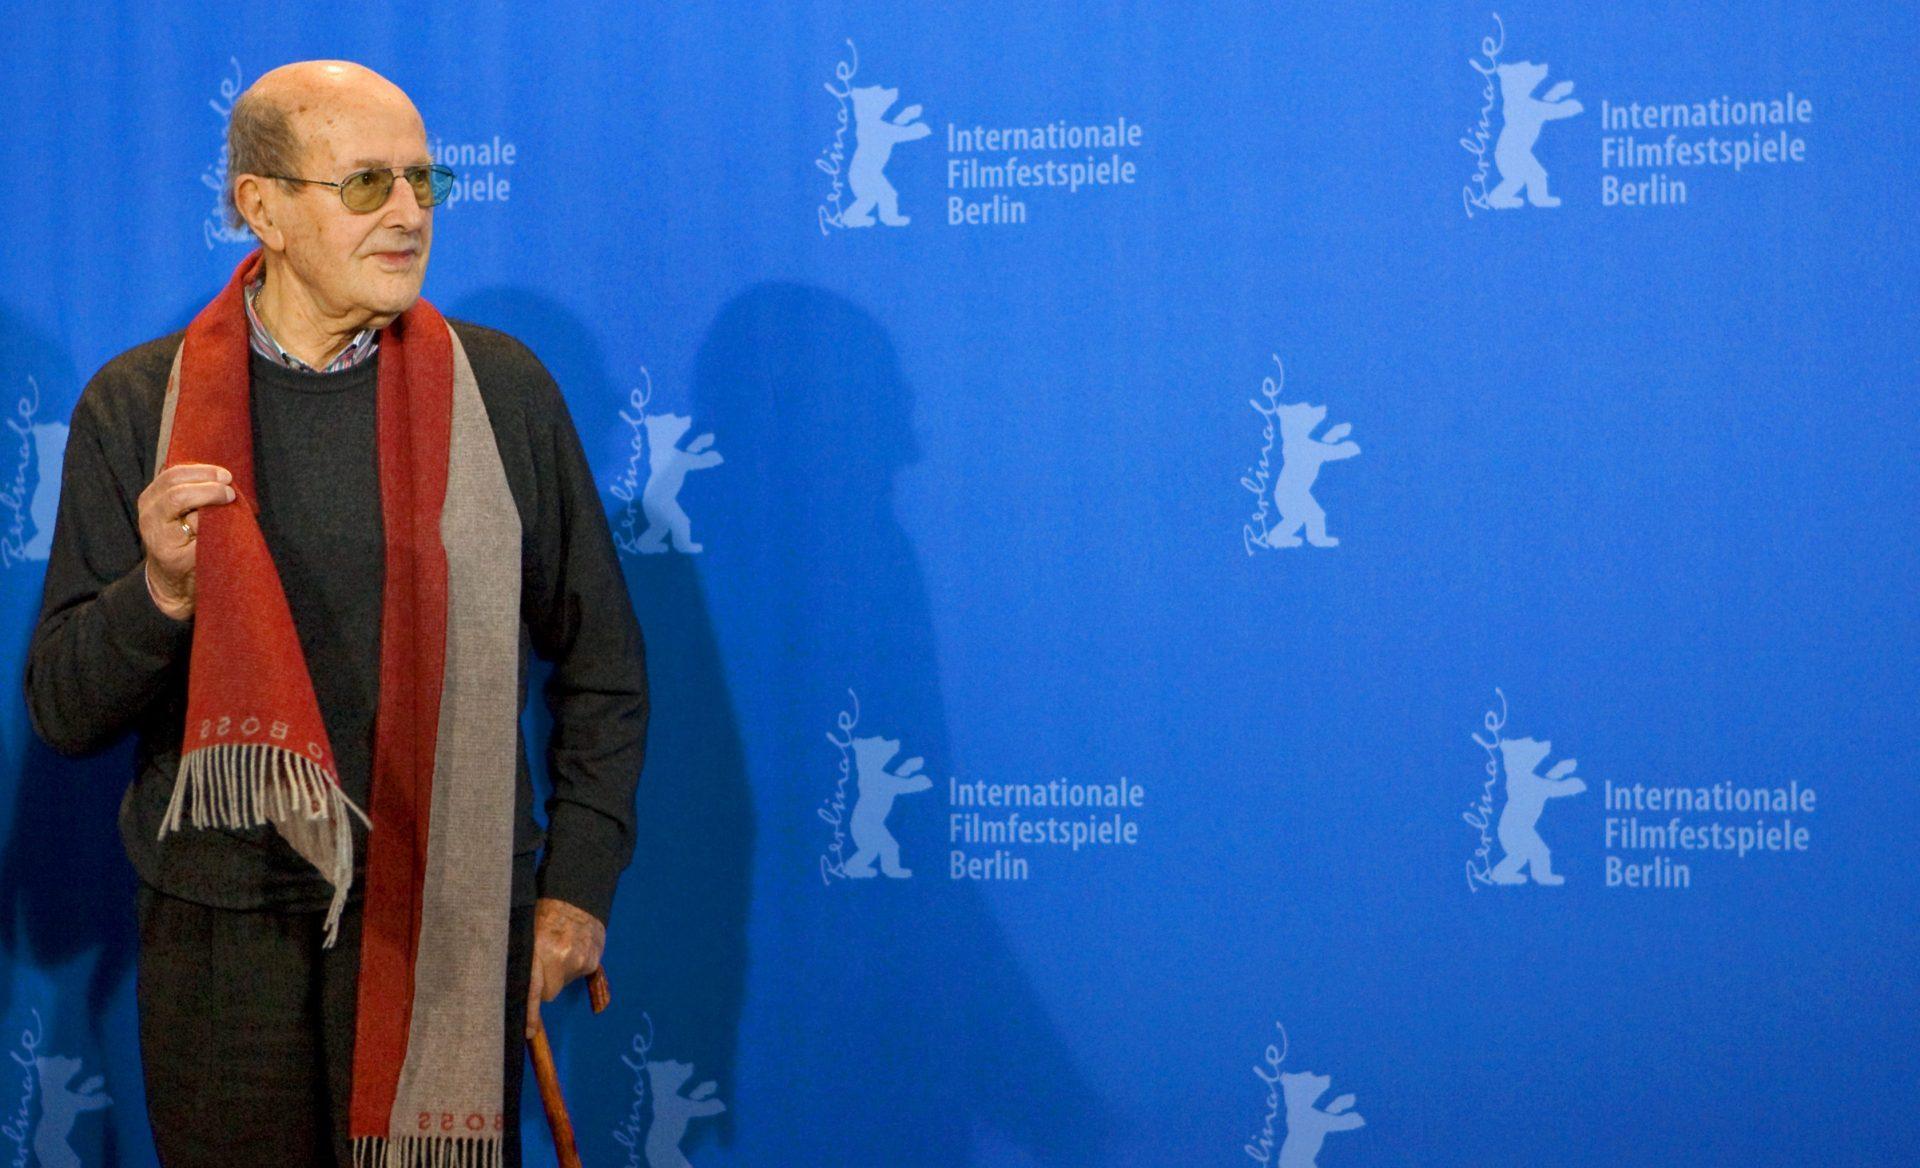 Foto LUSA - Manoel de Oliveira, durante o Festival de Cinema de Berlim, em Berlim, Alemanha. Manoel de Oliveira, que era o cineasta mais velho, . Mmorreu aos 106 em 02 de abril de 2015. EPA / ARNO BURGI. Imagem de arquivo, datada de 09 de fevereiro de 2009.